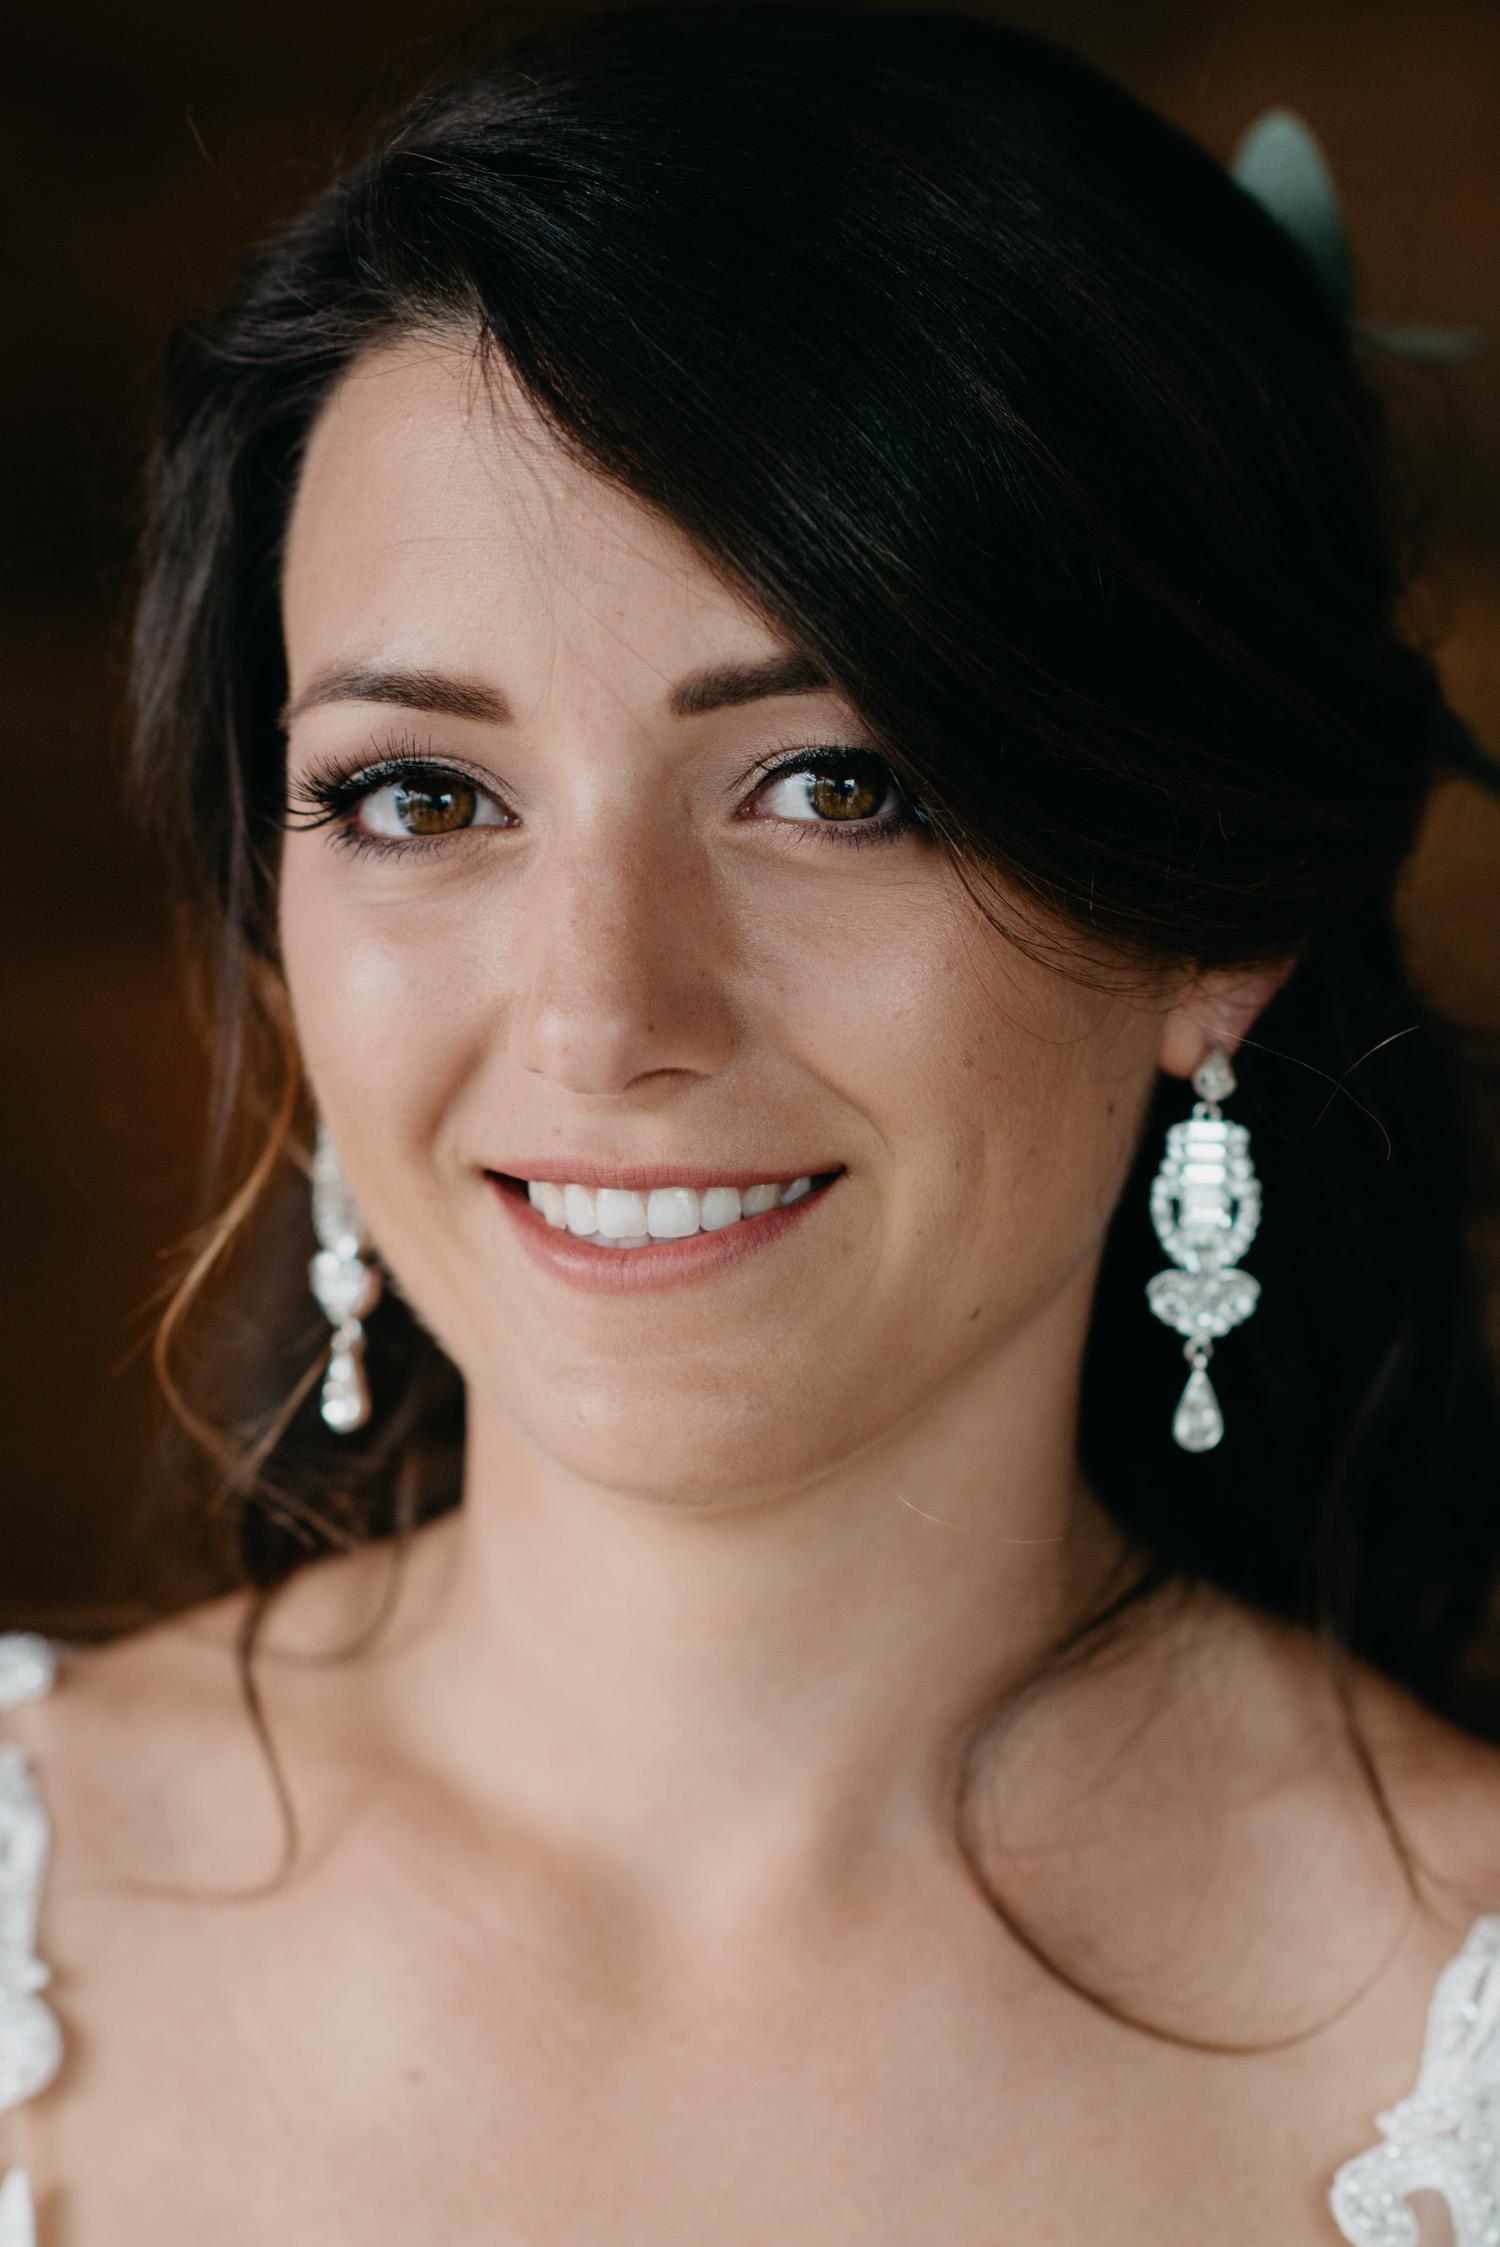 wewillweddings_hochzeitsfotografen_tirol_maierl_alm_wien-55 Hochzeitstipps Teil 1 - Das Getting Ready